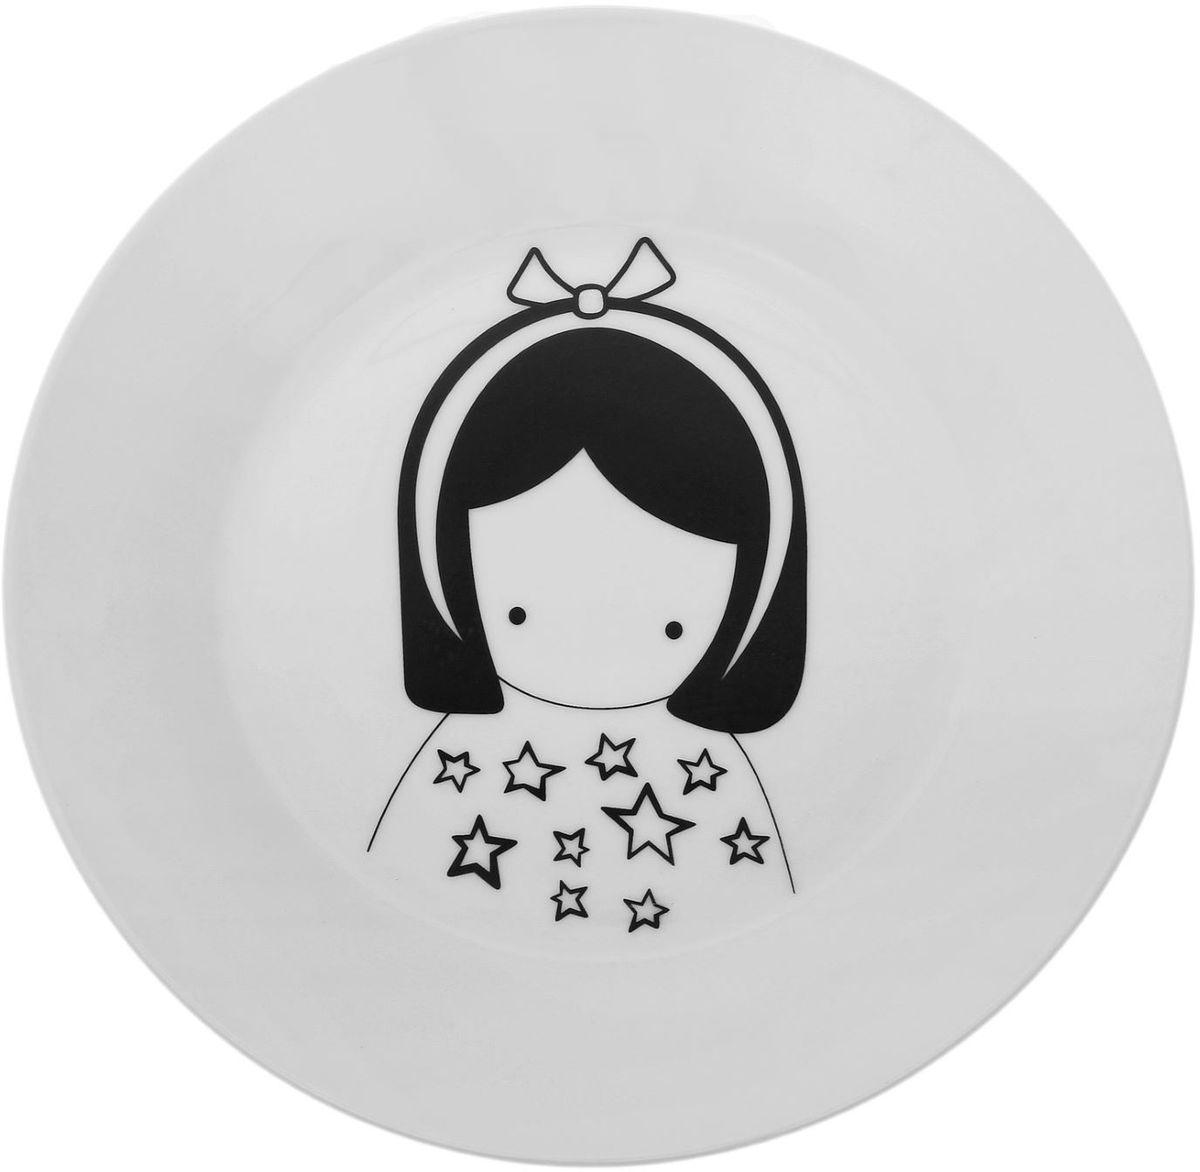 Тарелка Сотвори чудо Куколка, диаметр 23 смVT-1520(SR)Хотите обновить интерьер кухни или гостиной? Устраиваете необычную фотосессию или тематический праздник? А может, просто ищете подарок для близкого человека? Посуда Сотвори Чудо — правильный выбор в любой ситуации. Тарелка Сотвори Чудо, изготовленная из изящного фаянса нежного сливочного цвета, оформлена оригинальным рисунком со стойкой краской. Пригодна для посудомоечной машины.